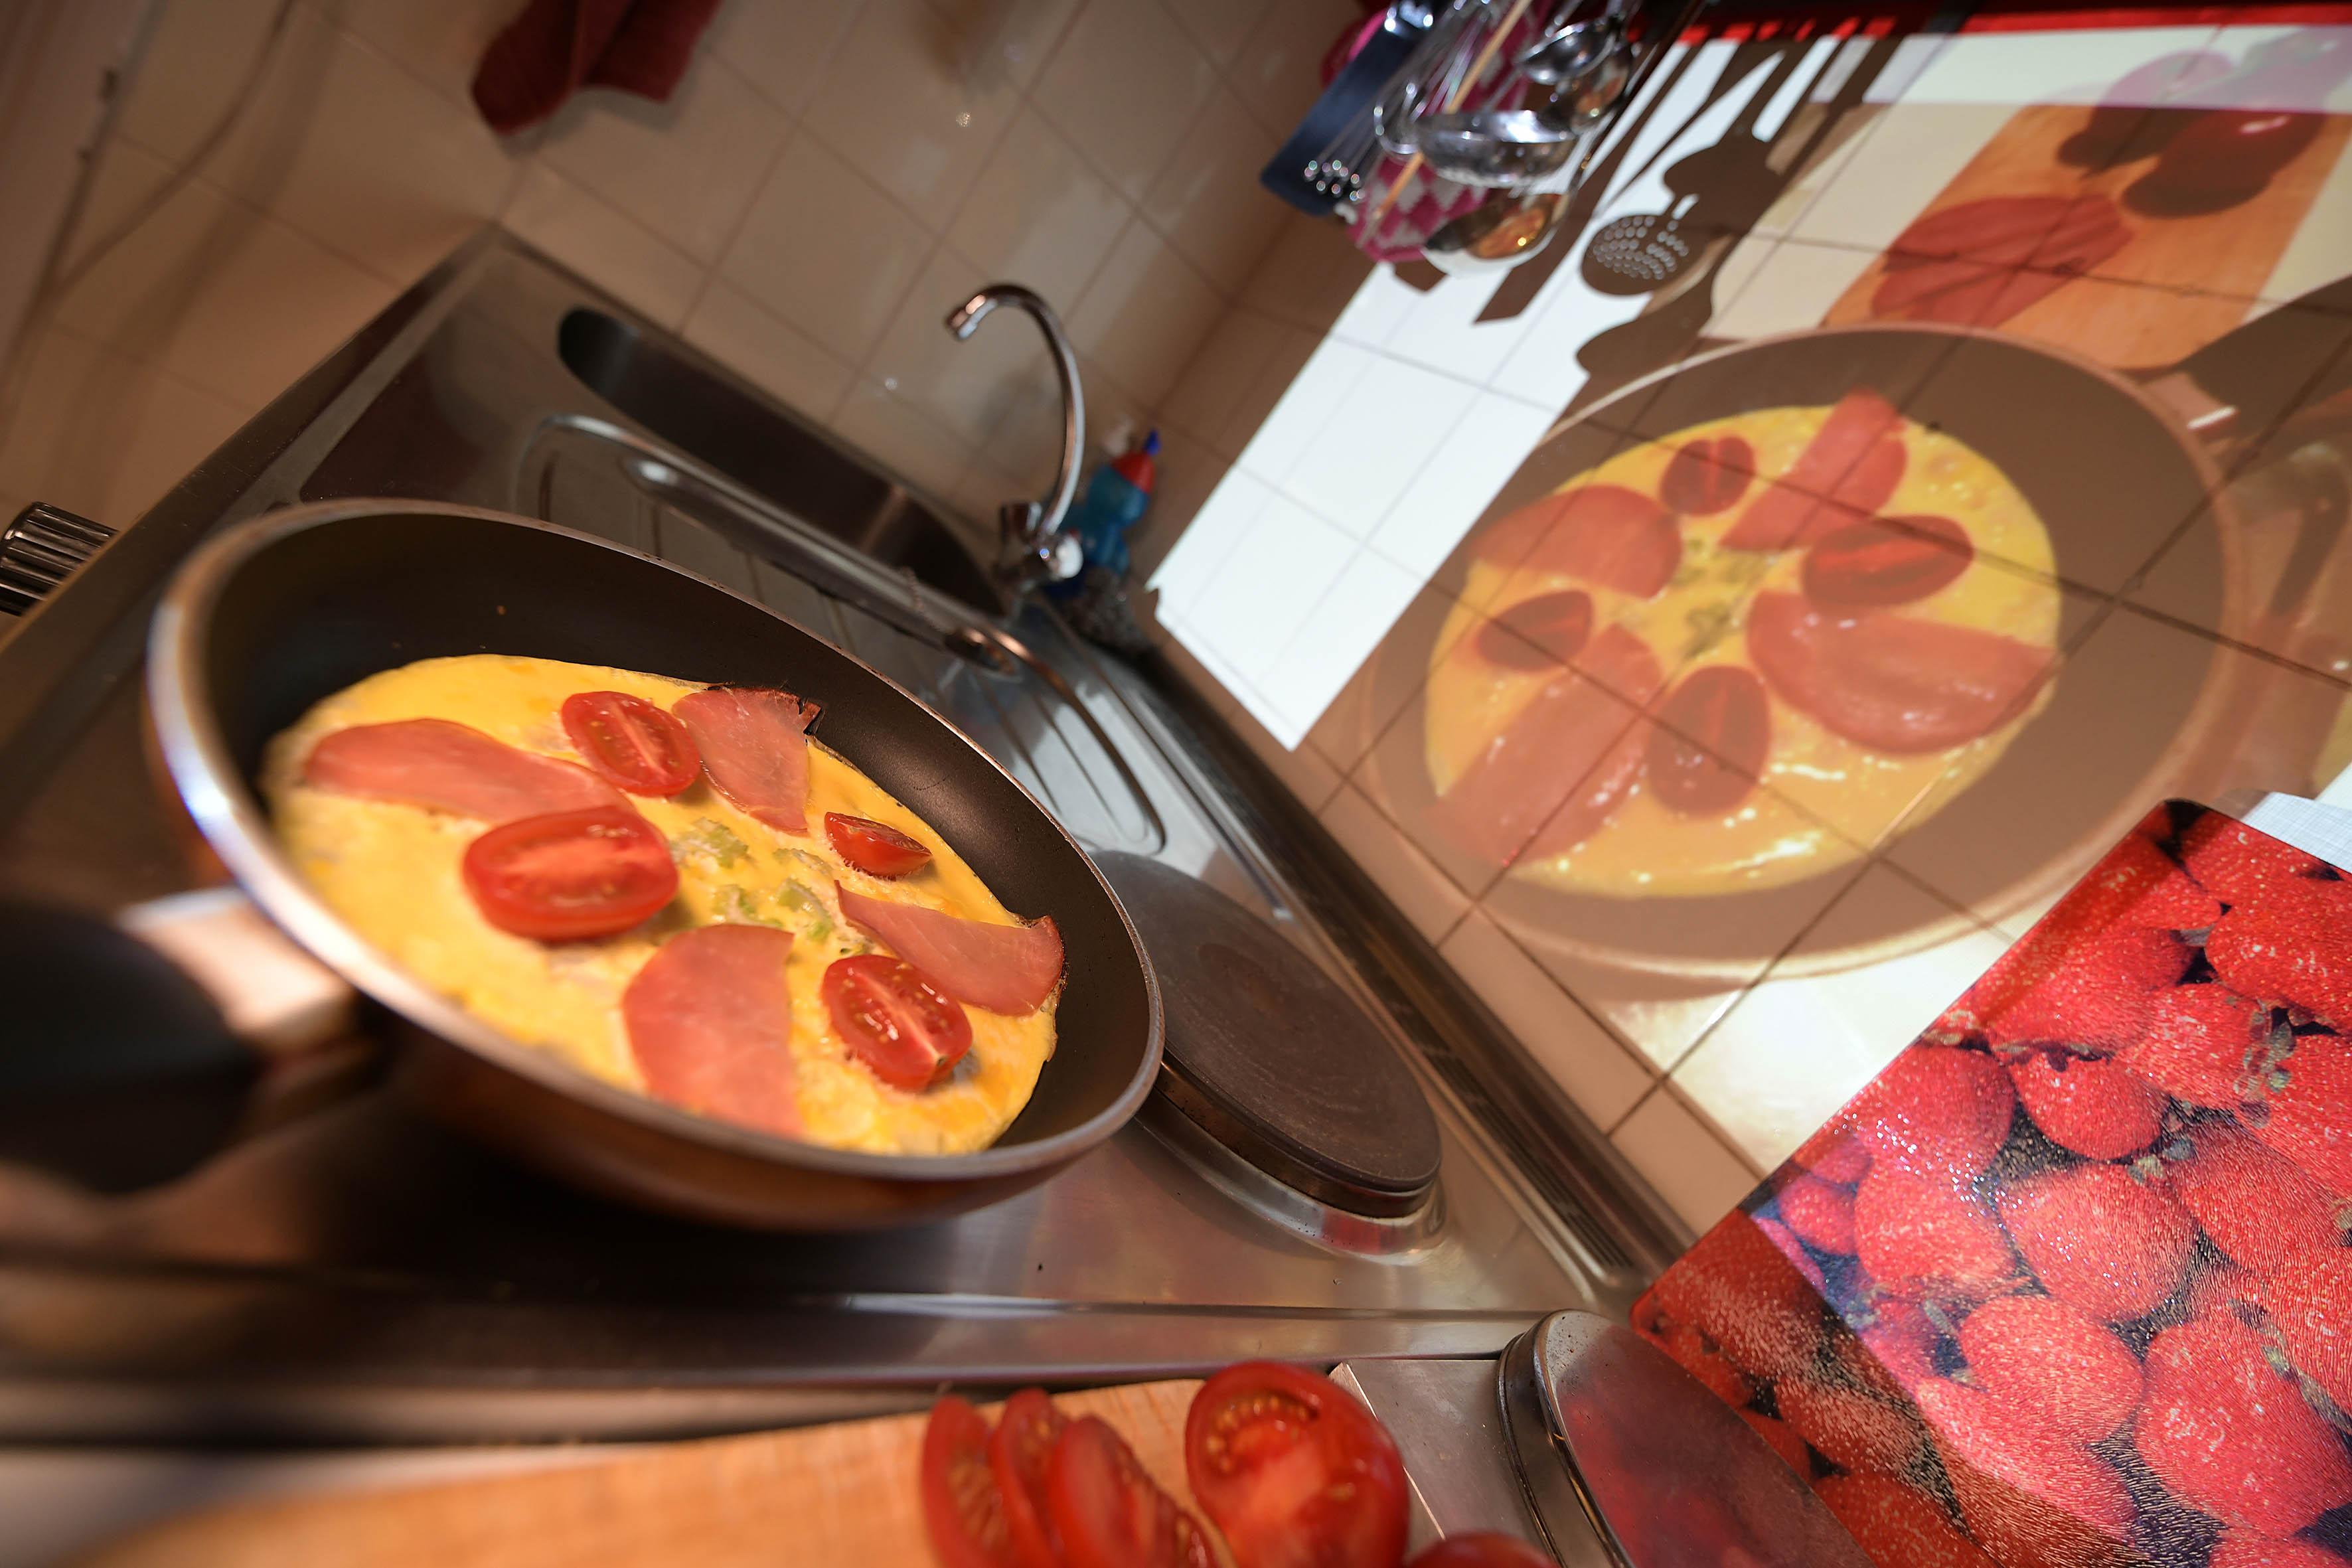 Foto: Michael B. Rehders Originalgetreu wird in unserer kleinen Redaktionsküche das Rezept an die Wand projiziert und nachgekocht. Sollte es doch mal spritzen, wird die Wand einfach abgewischt. Das Rezept bleibt gut lesbar – und das Omelette sieht so richtig lecker aus. Hmmm!